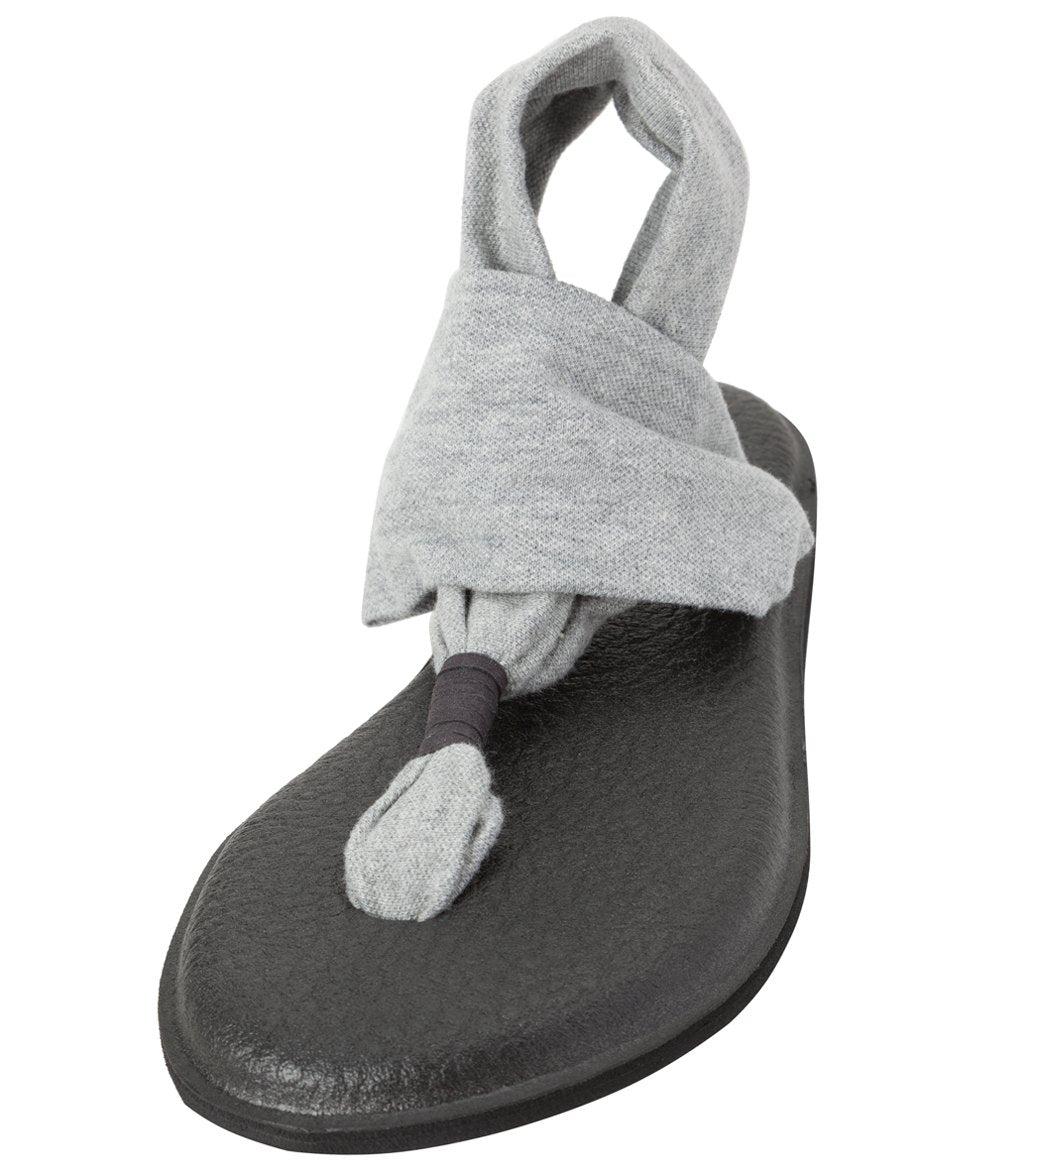 Sanuk Women's Yoga Sling 2 Sandals - Grey 5 Rubber